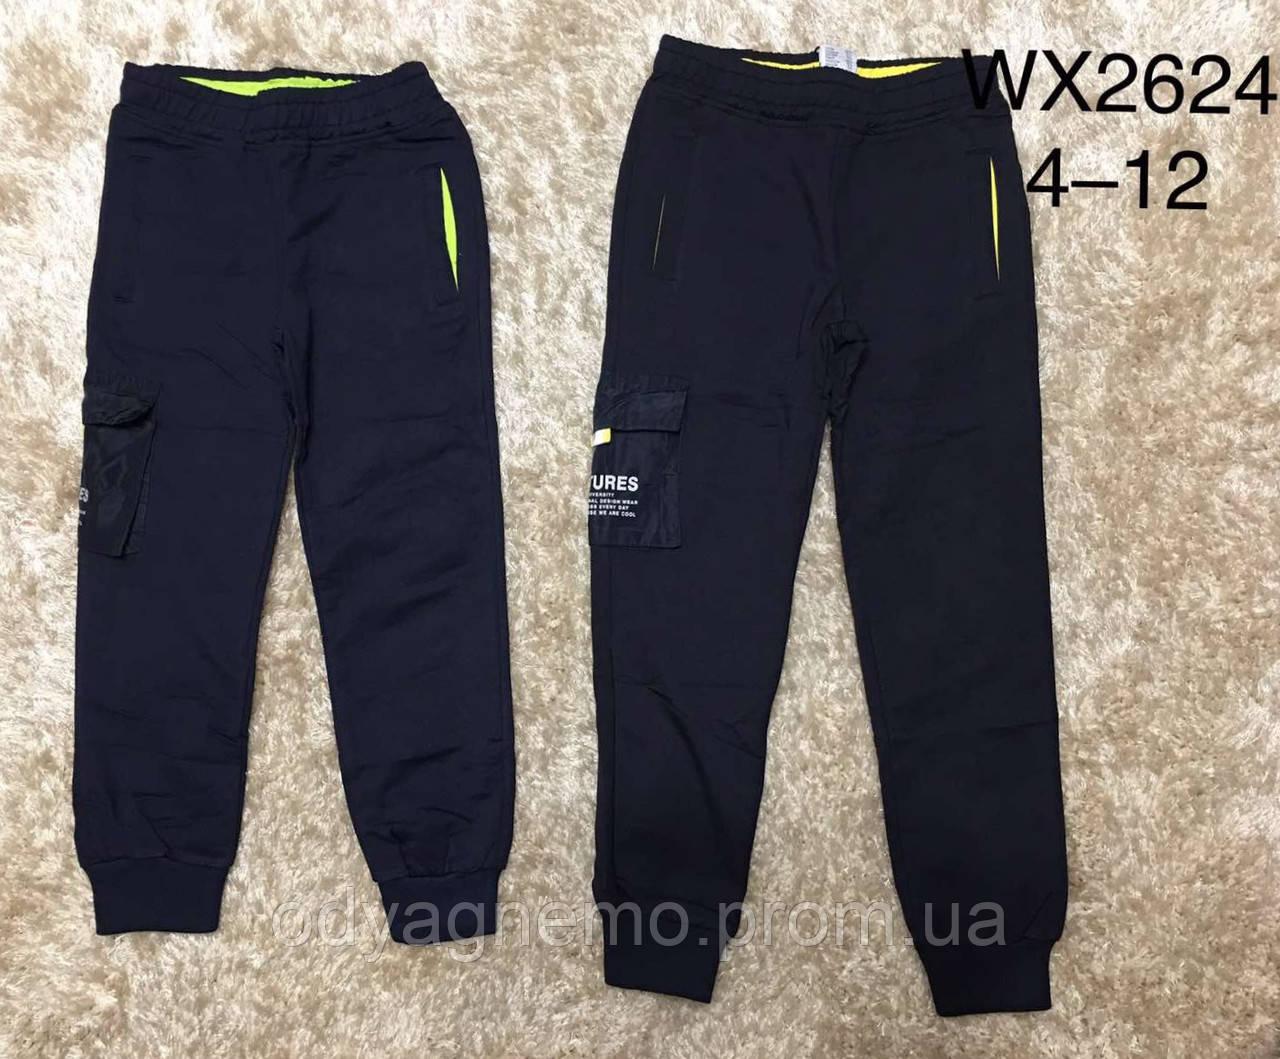 Спортивные брюки для мальчиков F&D, 4-12 лет. Артикул: WX2624